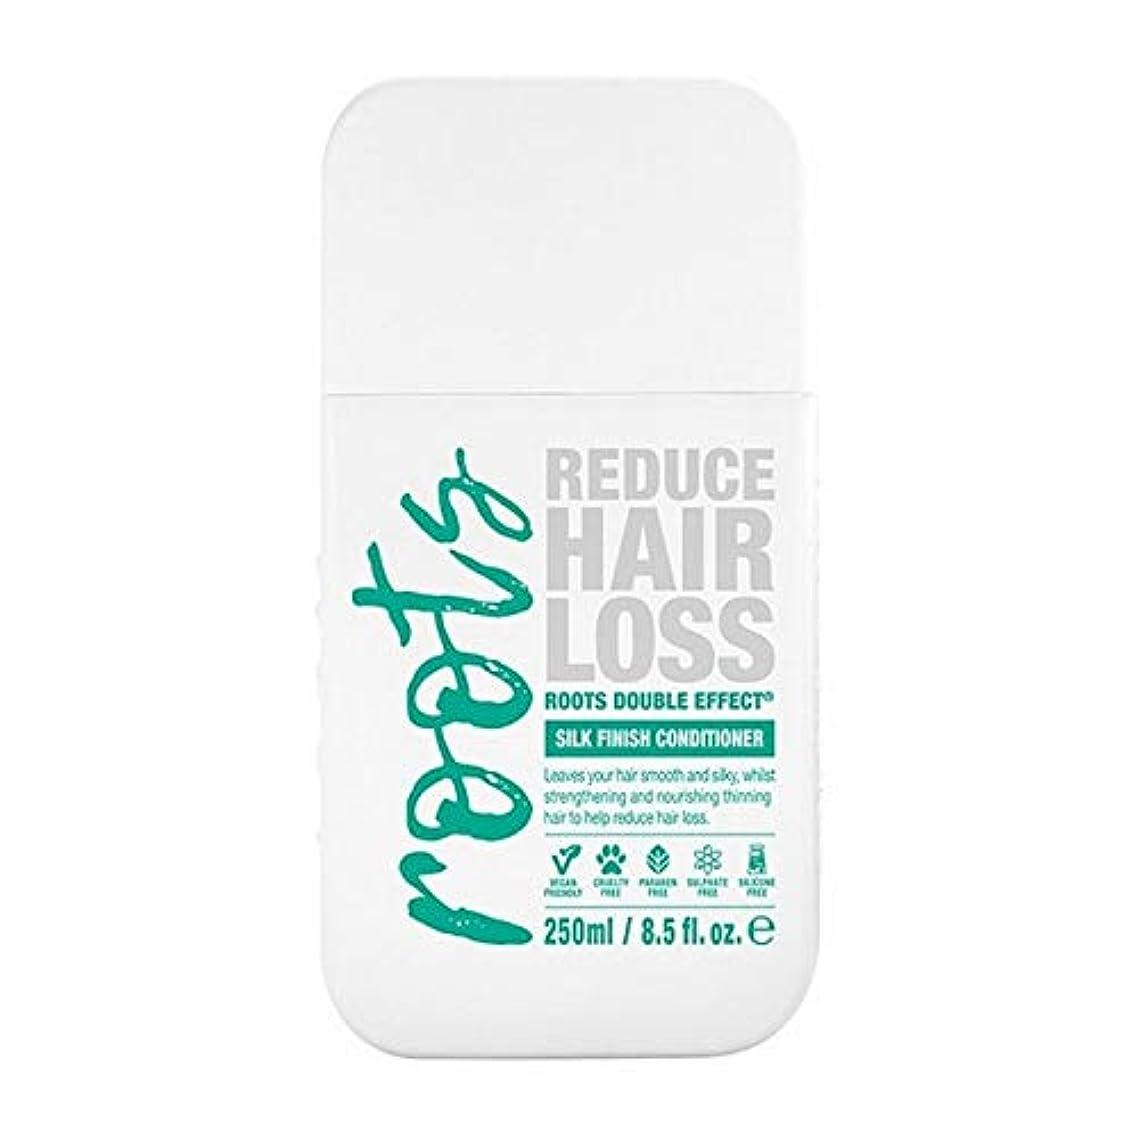 ミンチ性能発掘する[Roots ] 根のダブル効果育毛シャンプー250Ml - Roots Double Effect Hair Growth Conditioner 250ml [並行輸入品]